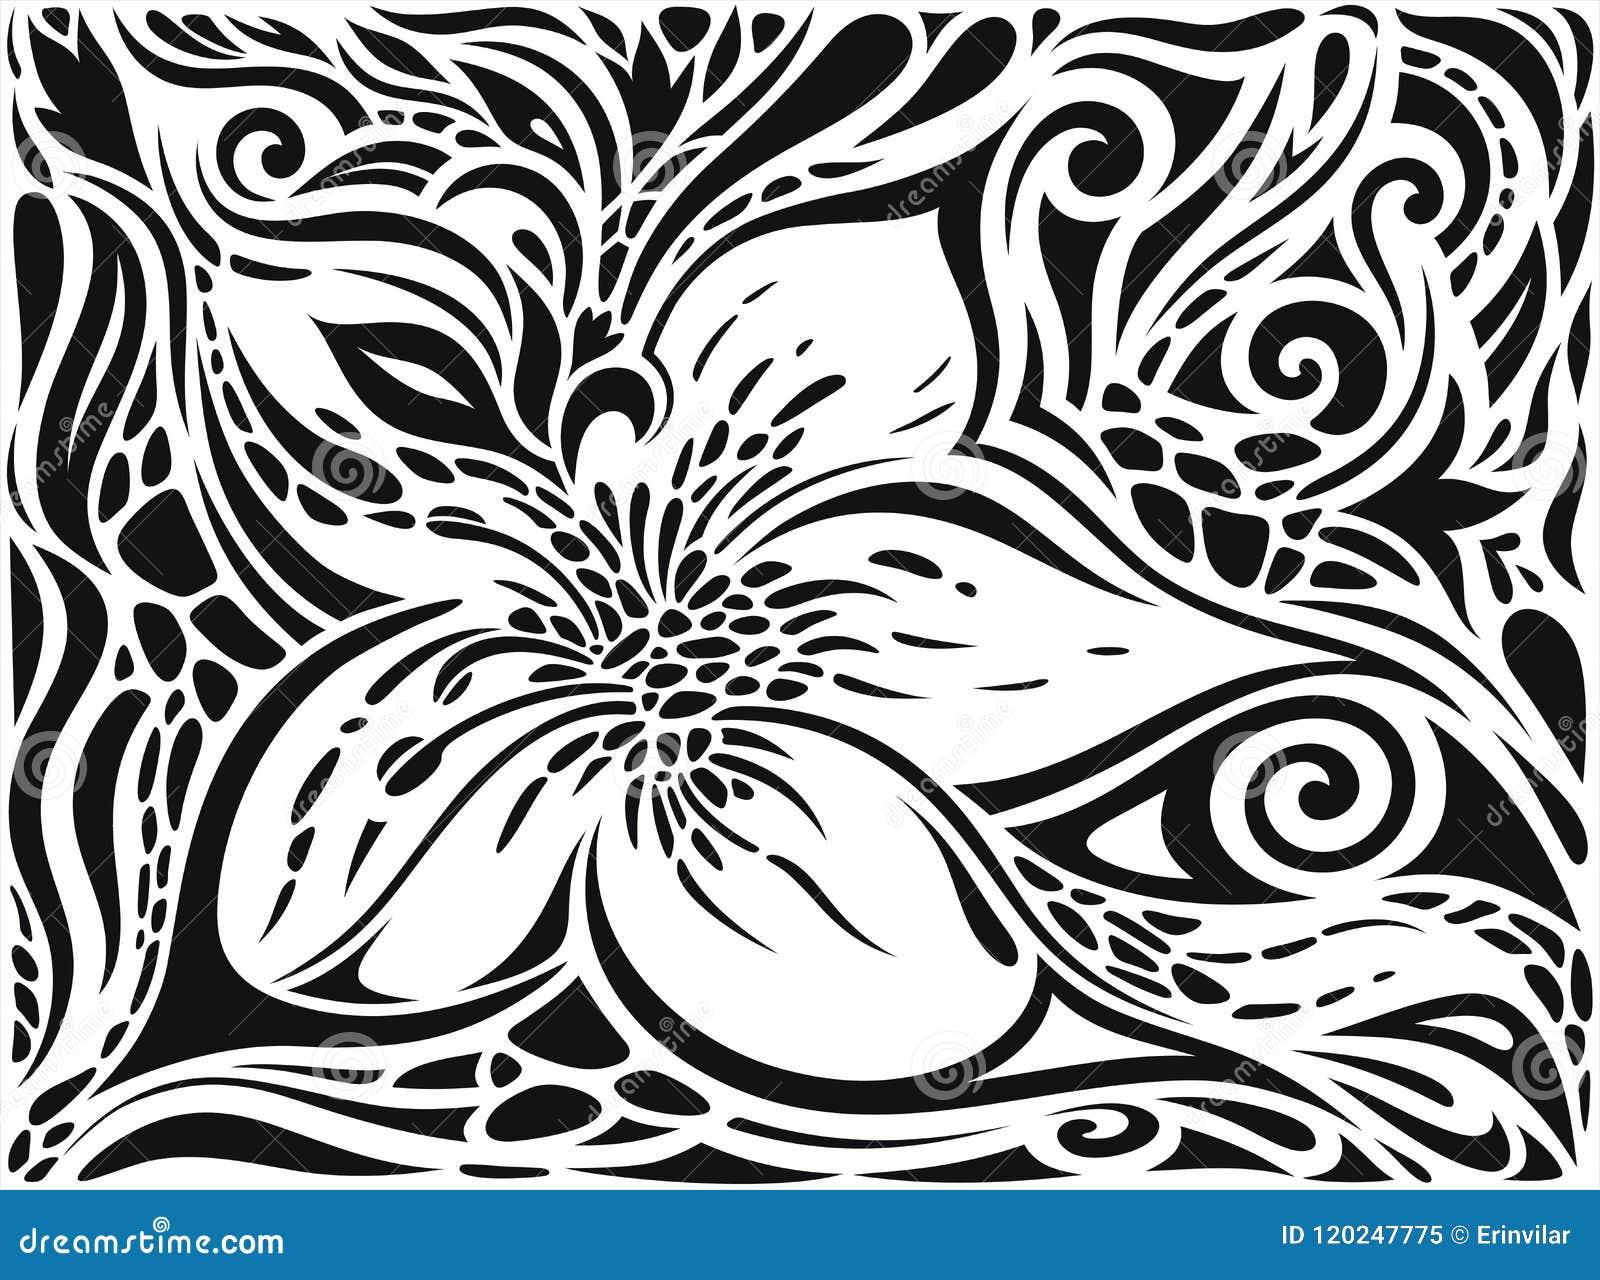 Διακοσμητικά λουλούδια στο μαύρο & άσπρο, Floral διακοσμητικό περίκομψο γραφικό σχέδιο δερματοστιξιών υποβάθρου